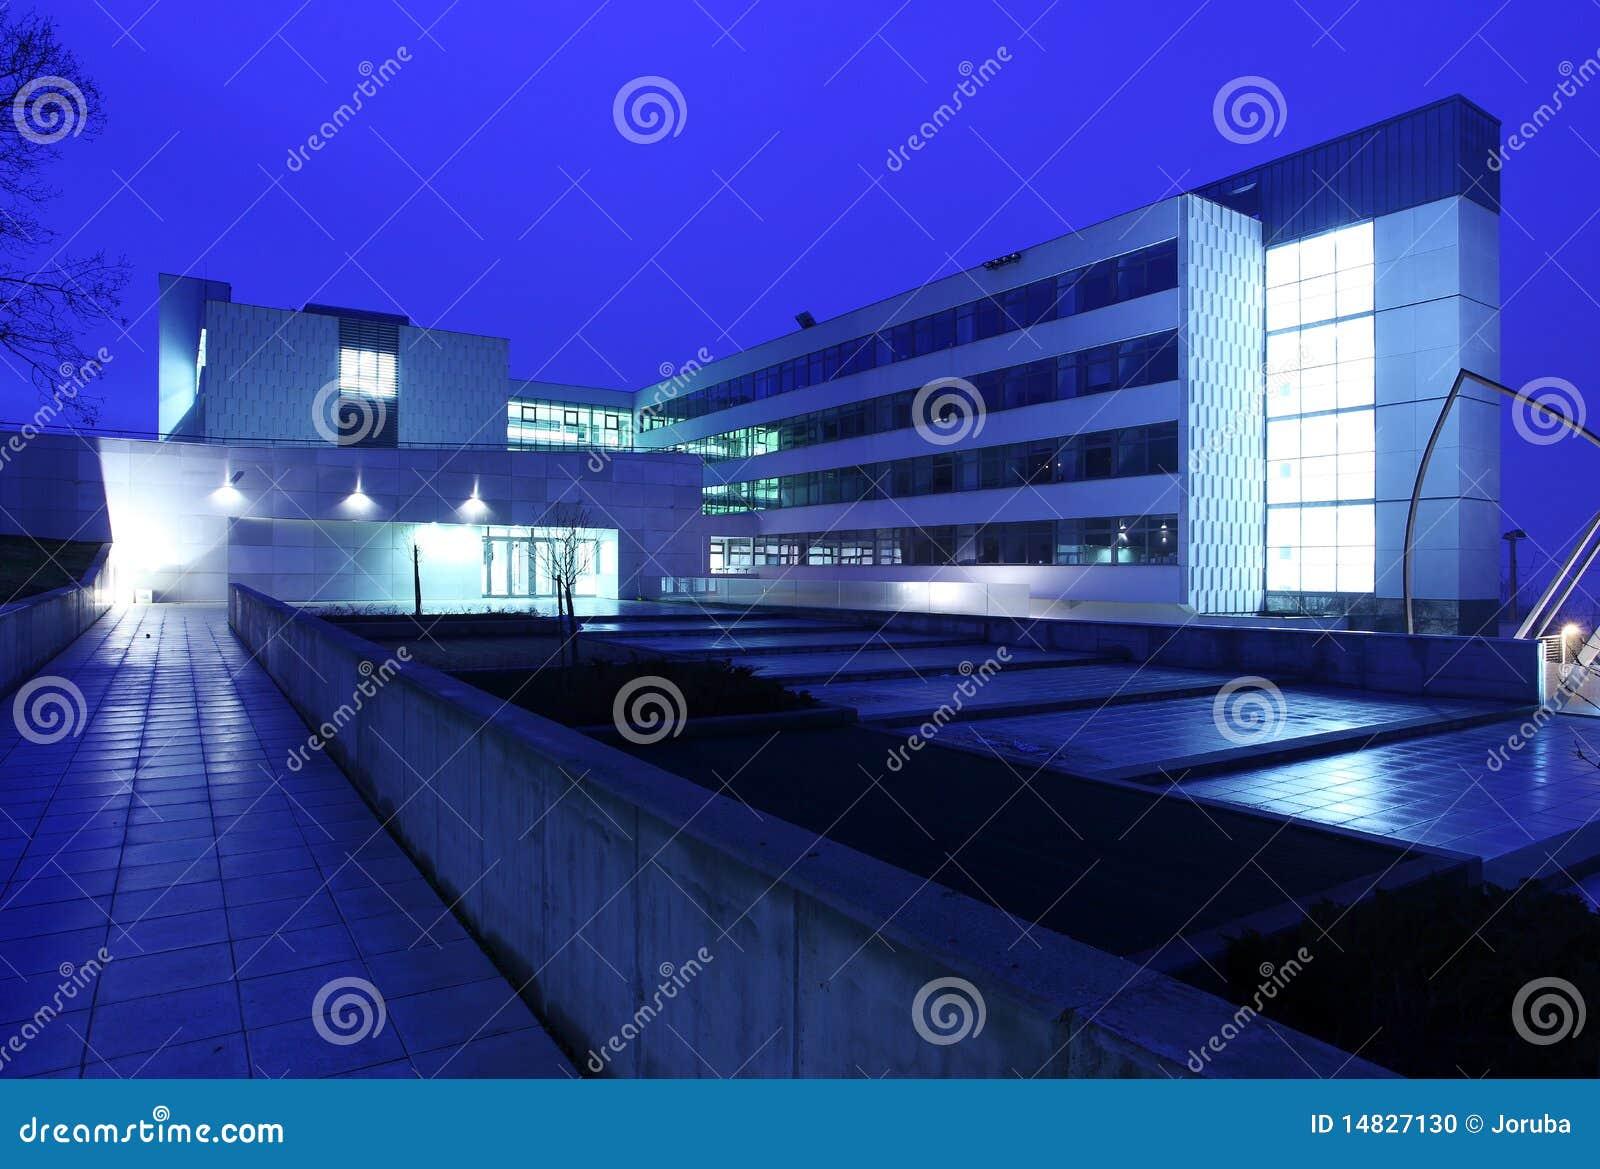 Modernes Handelsgebäudeäußeres Stockfoto - Bild von arbeitsplatz ...